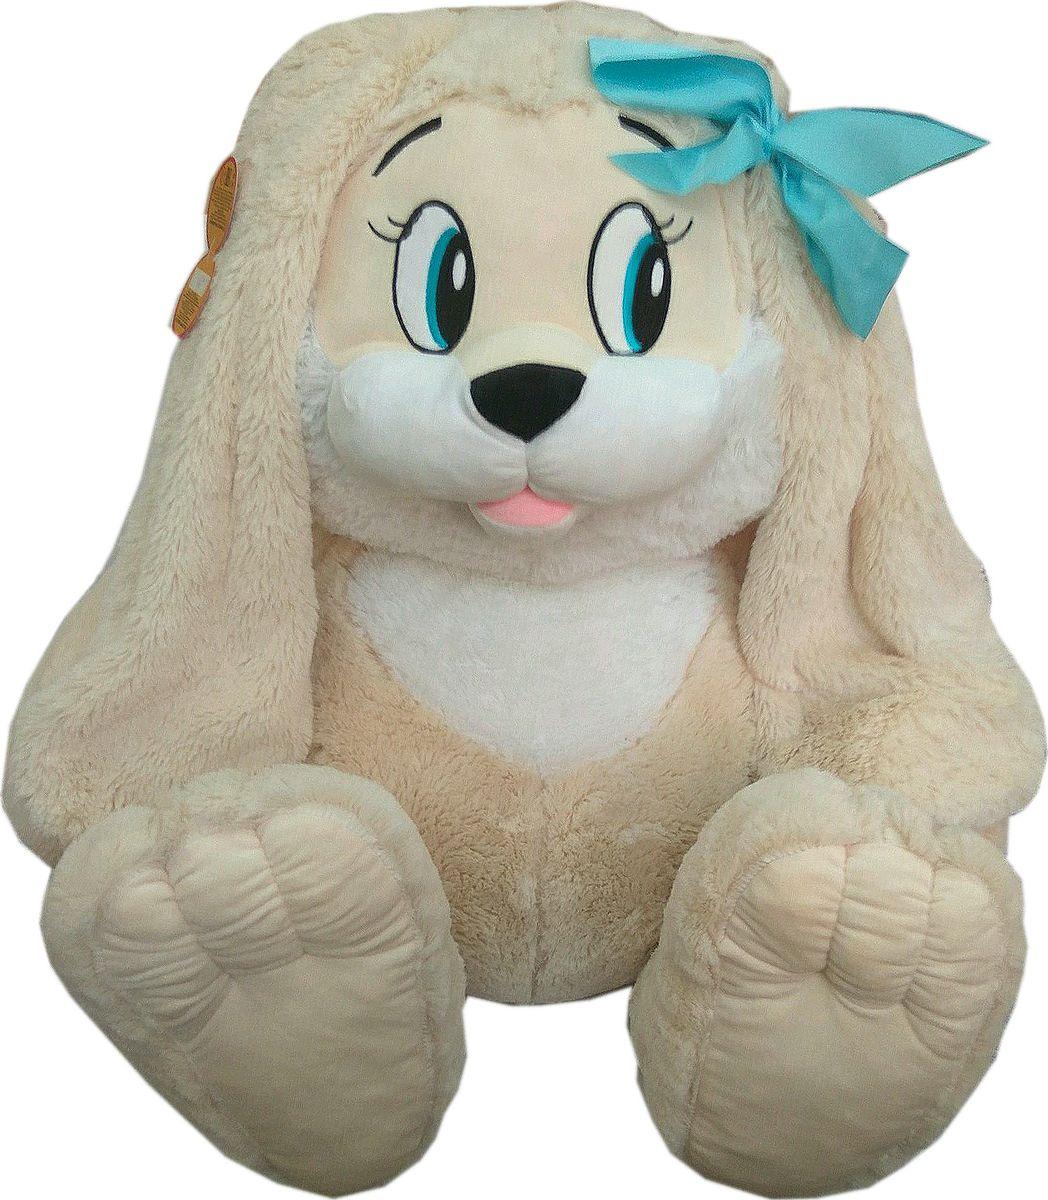 СмолТойс Мягкая игрушка Зайчик цвет молочный 80 см